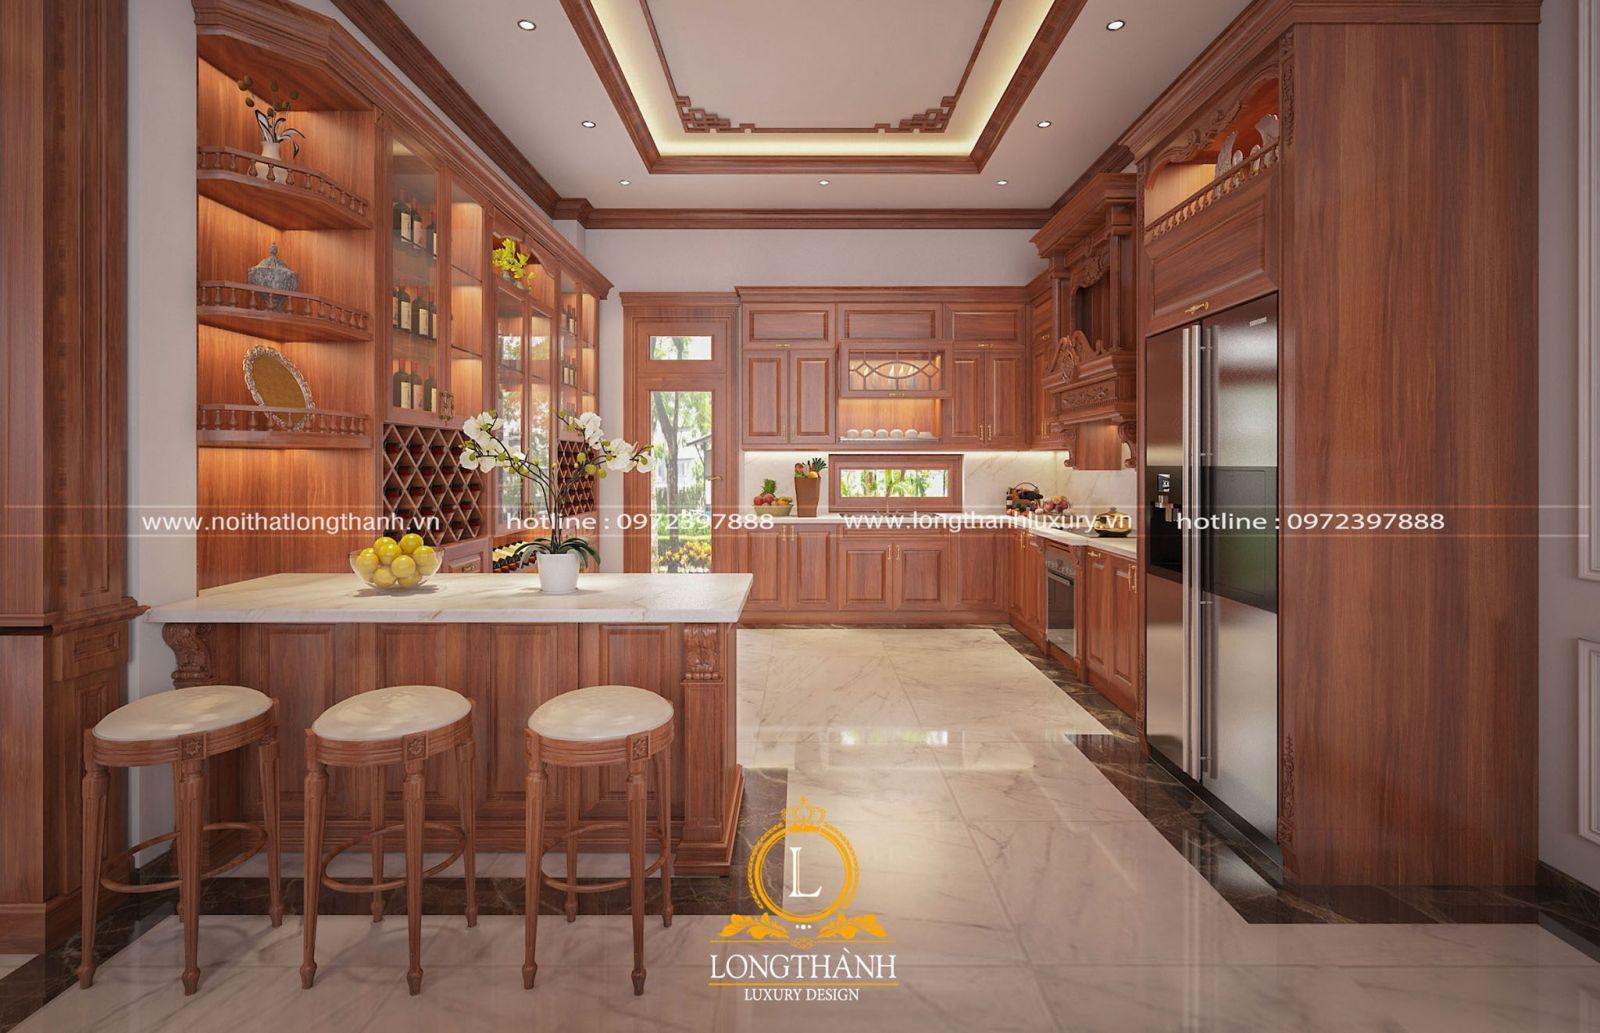 Tổng hợp mẫu tủ bếp tân cổ điển đẹp cho năm 2021